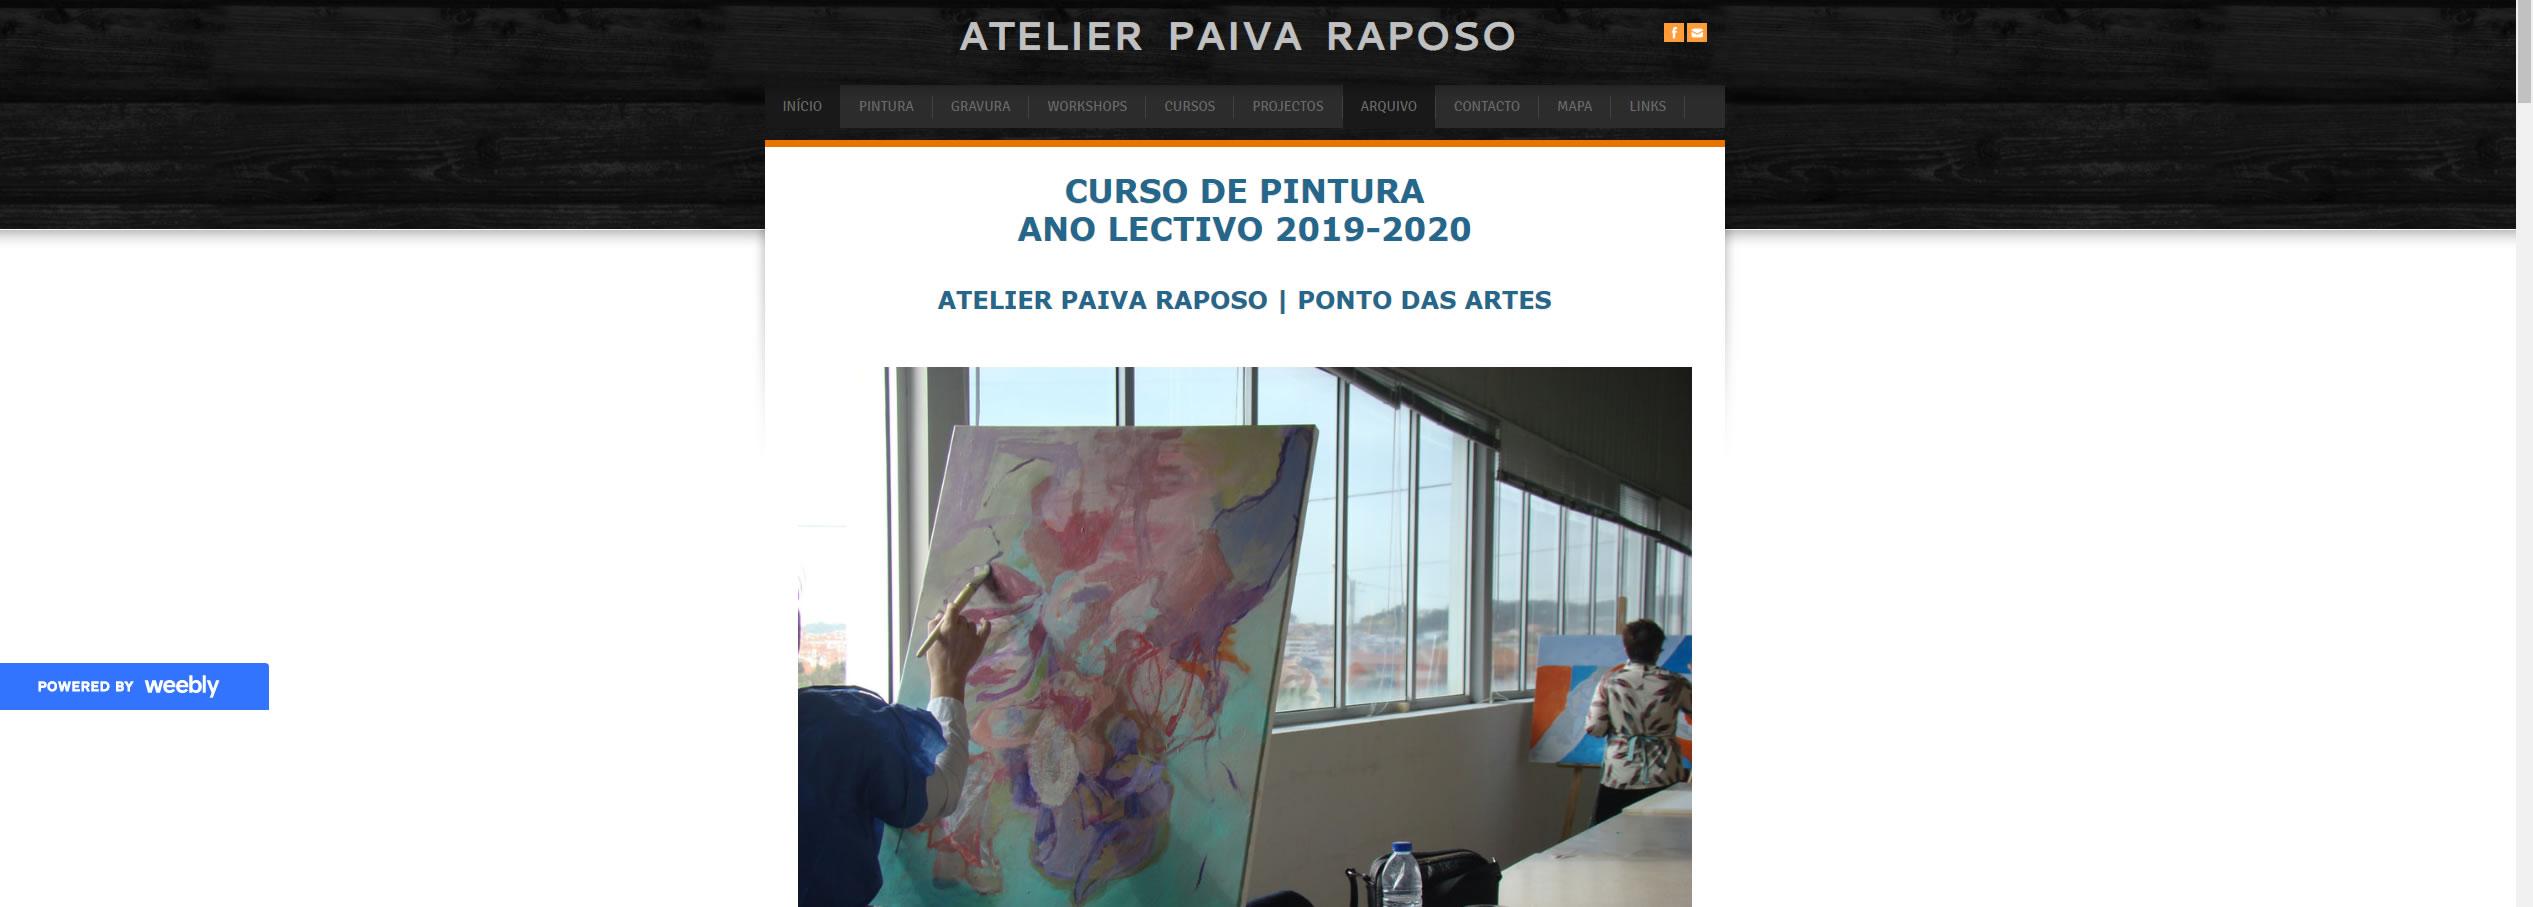 atelier_paiva_raposo_galeria_de_gravura